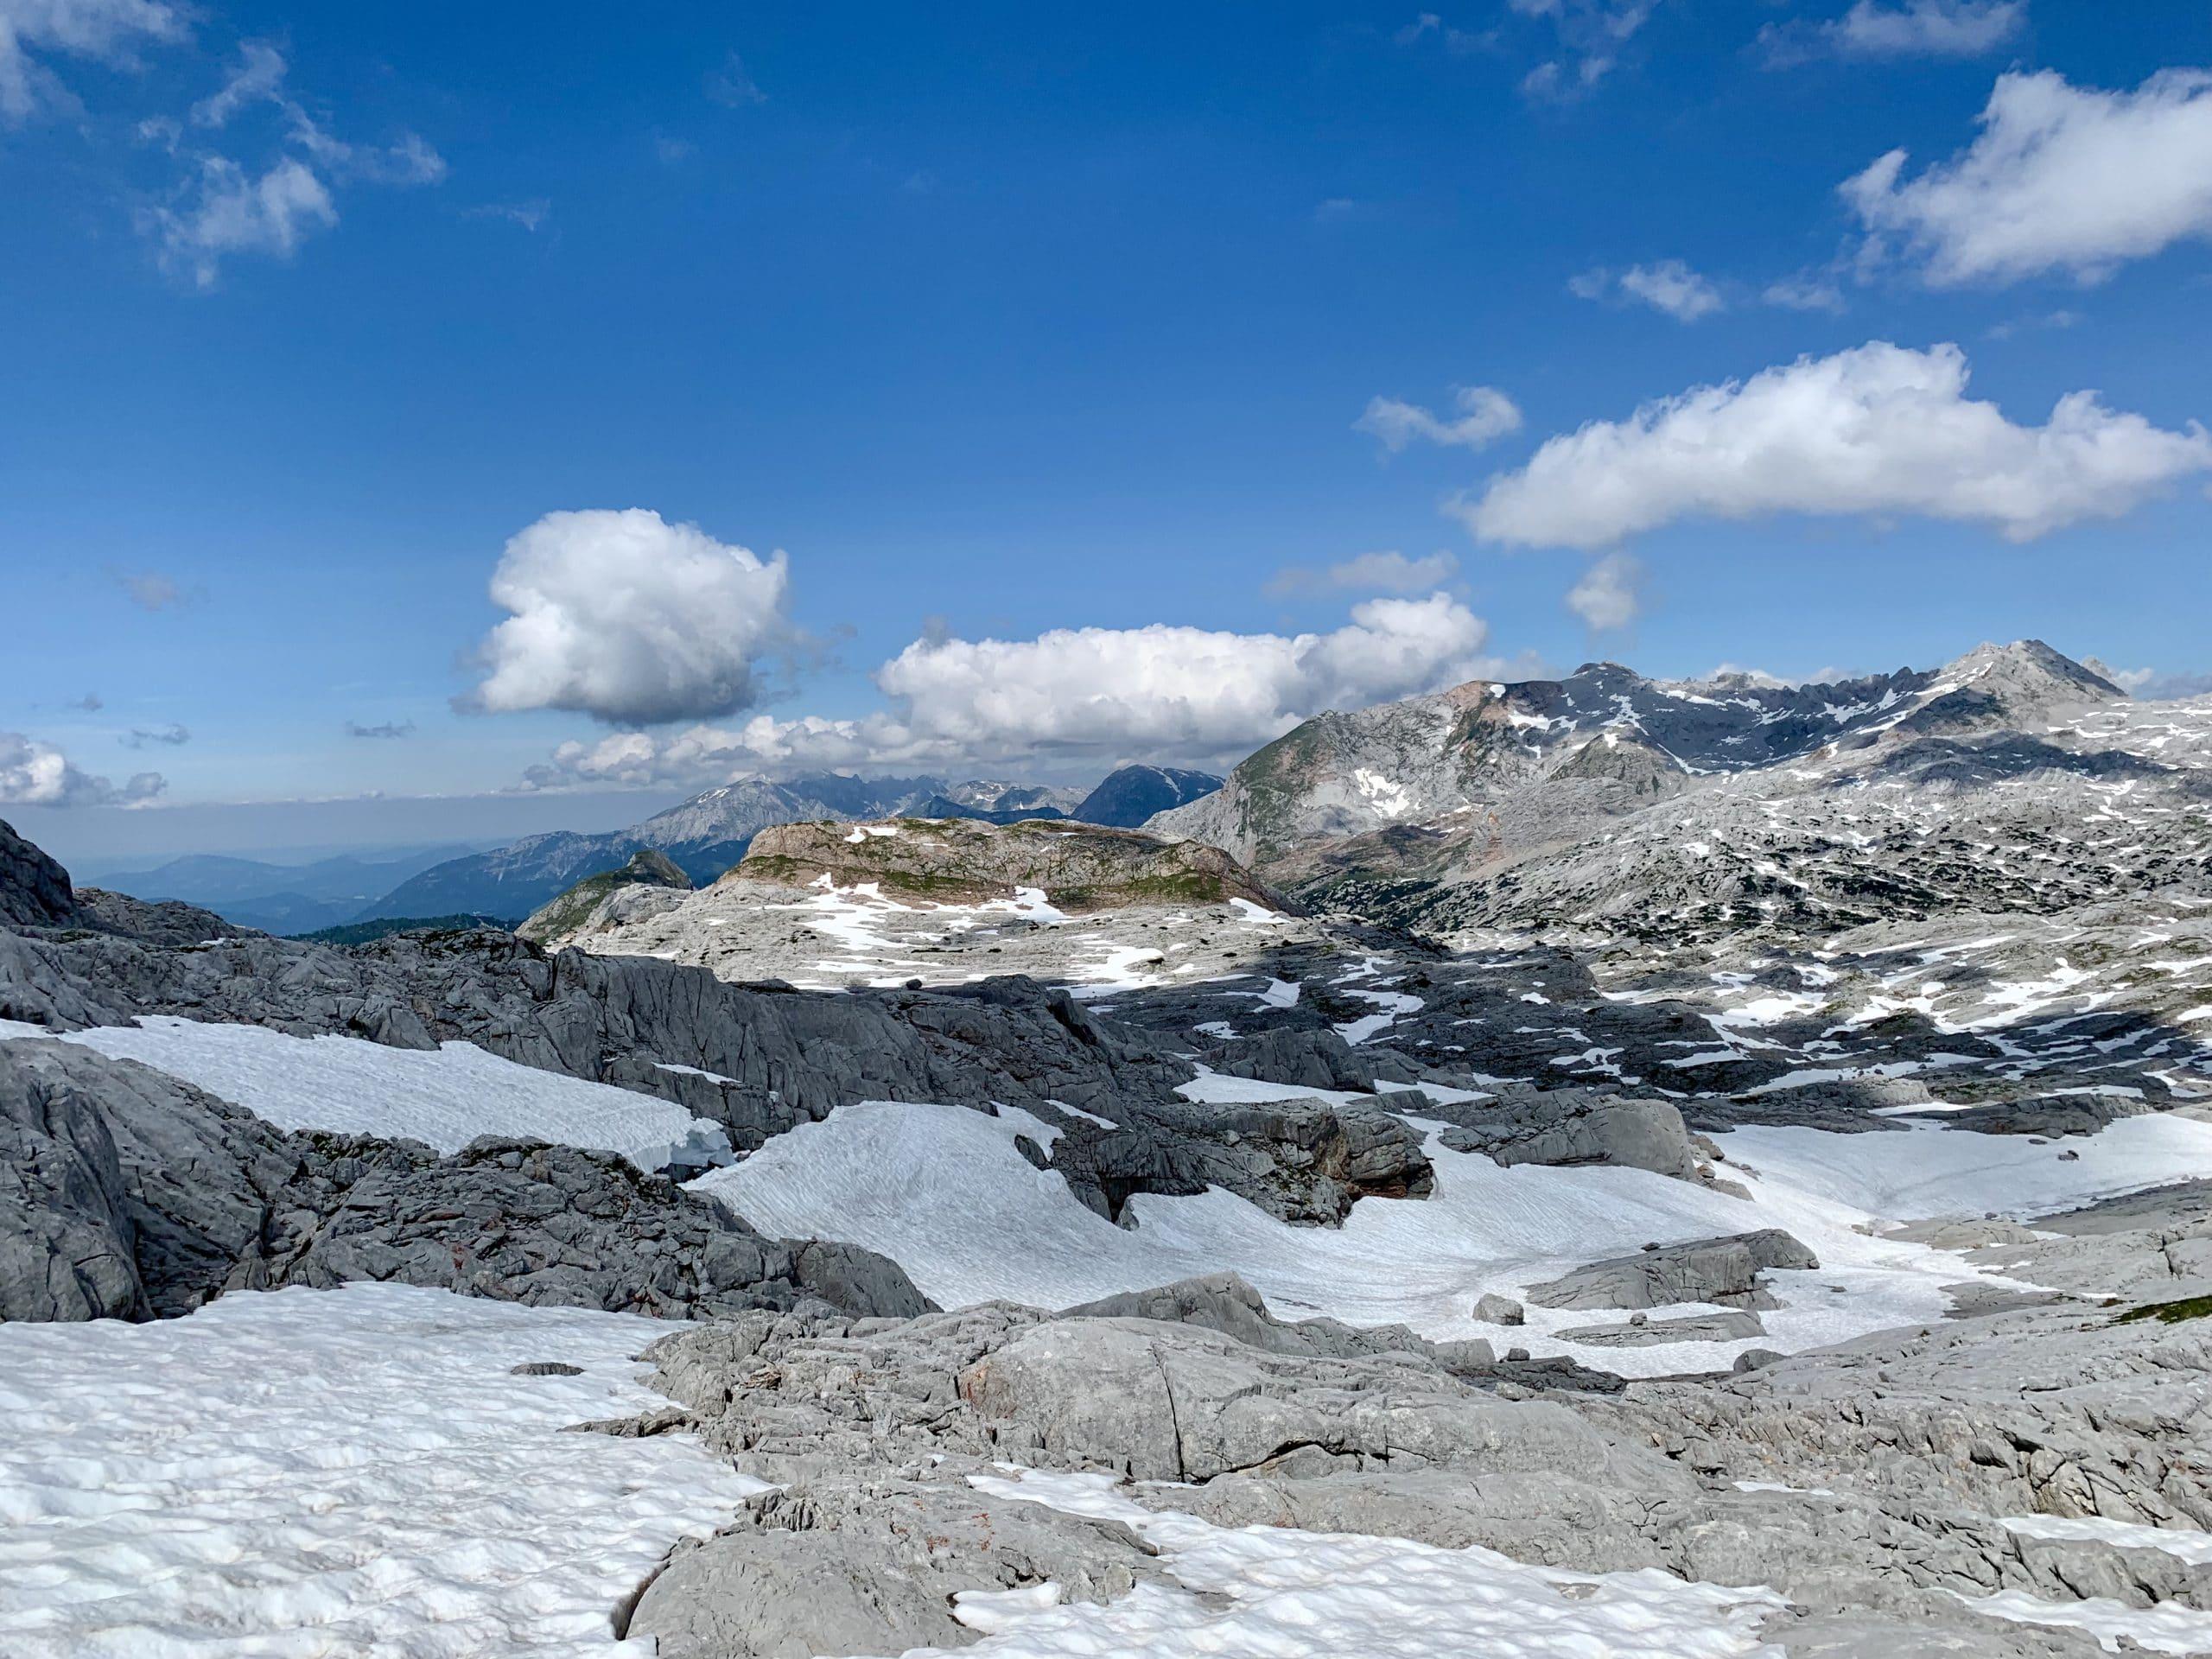 Impression einer Berglandschaft während einer Coaching-Reise